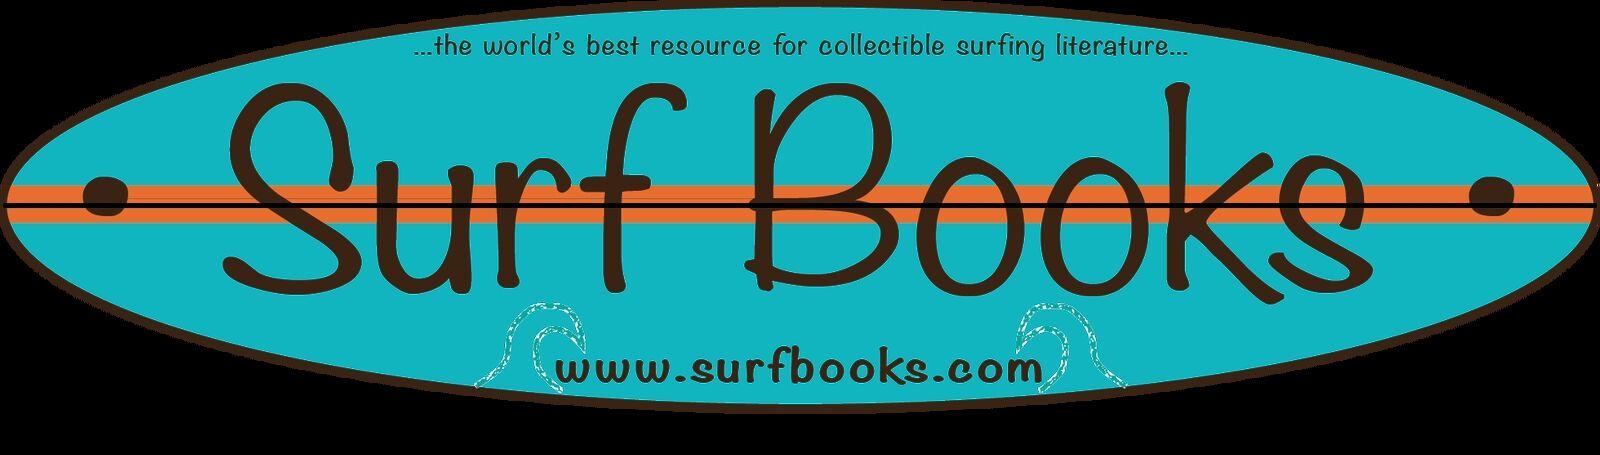 SurfMagsAndBooks